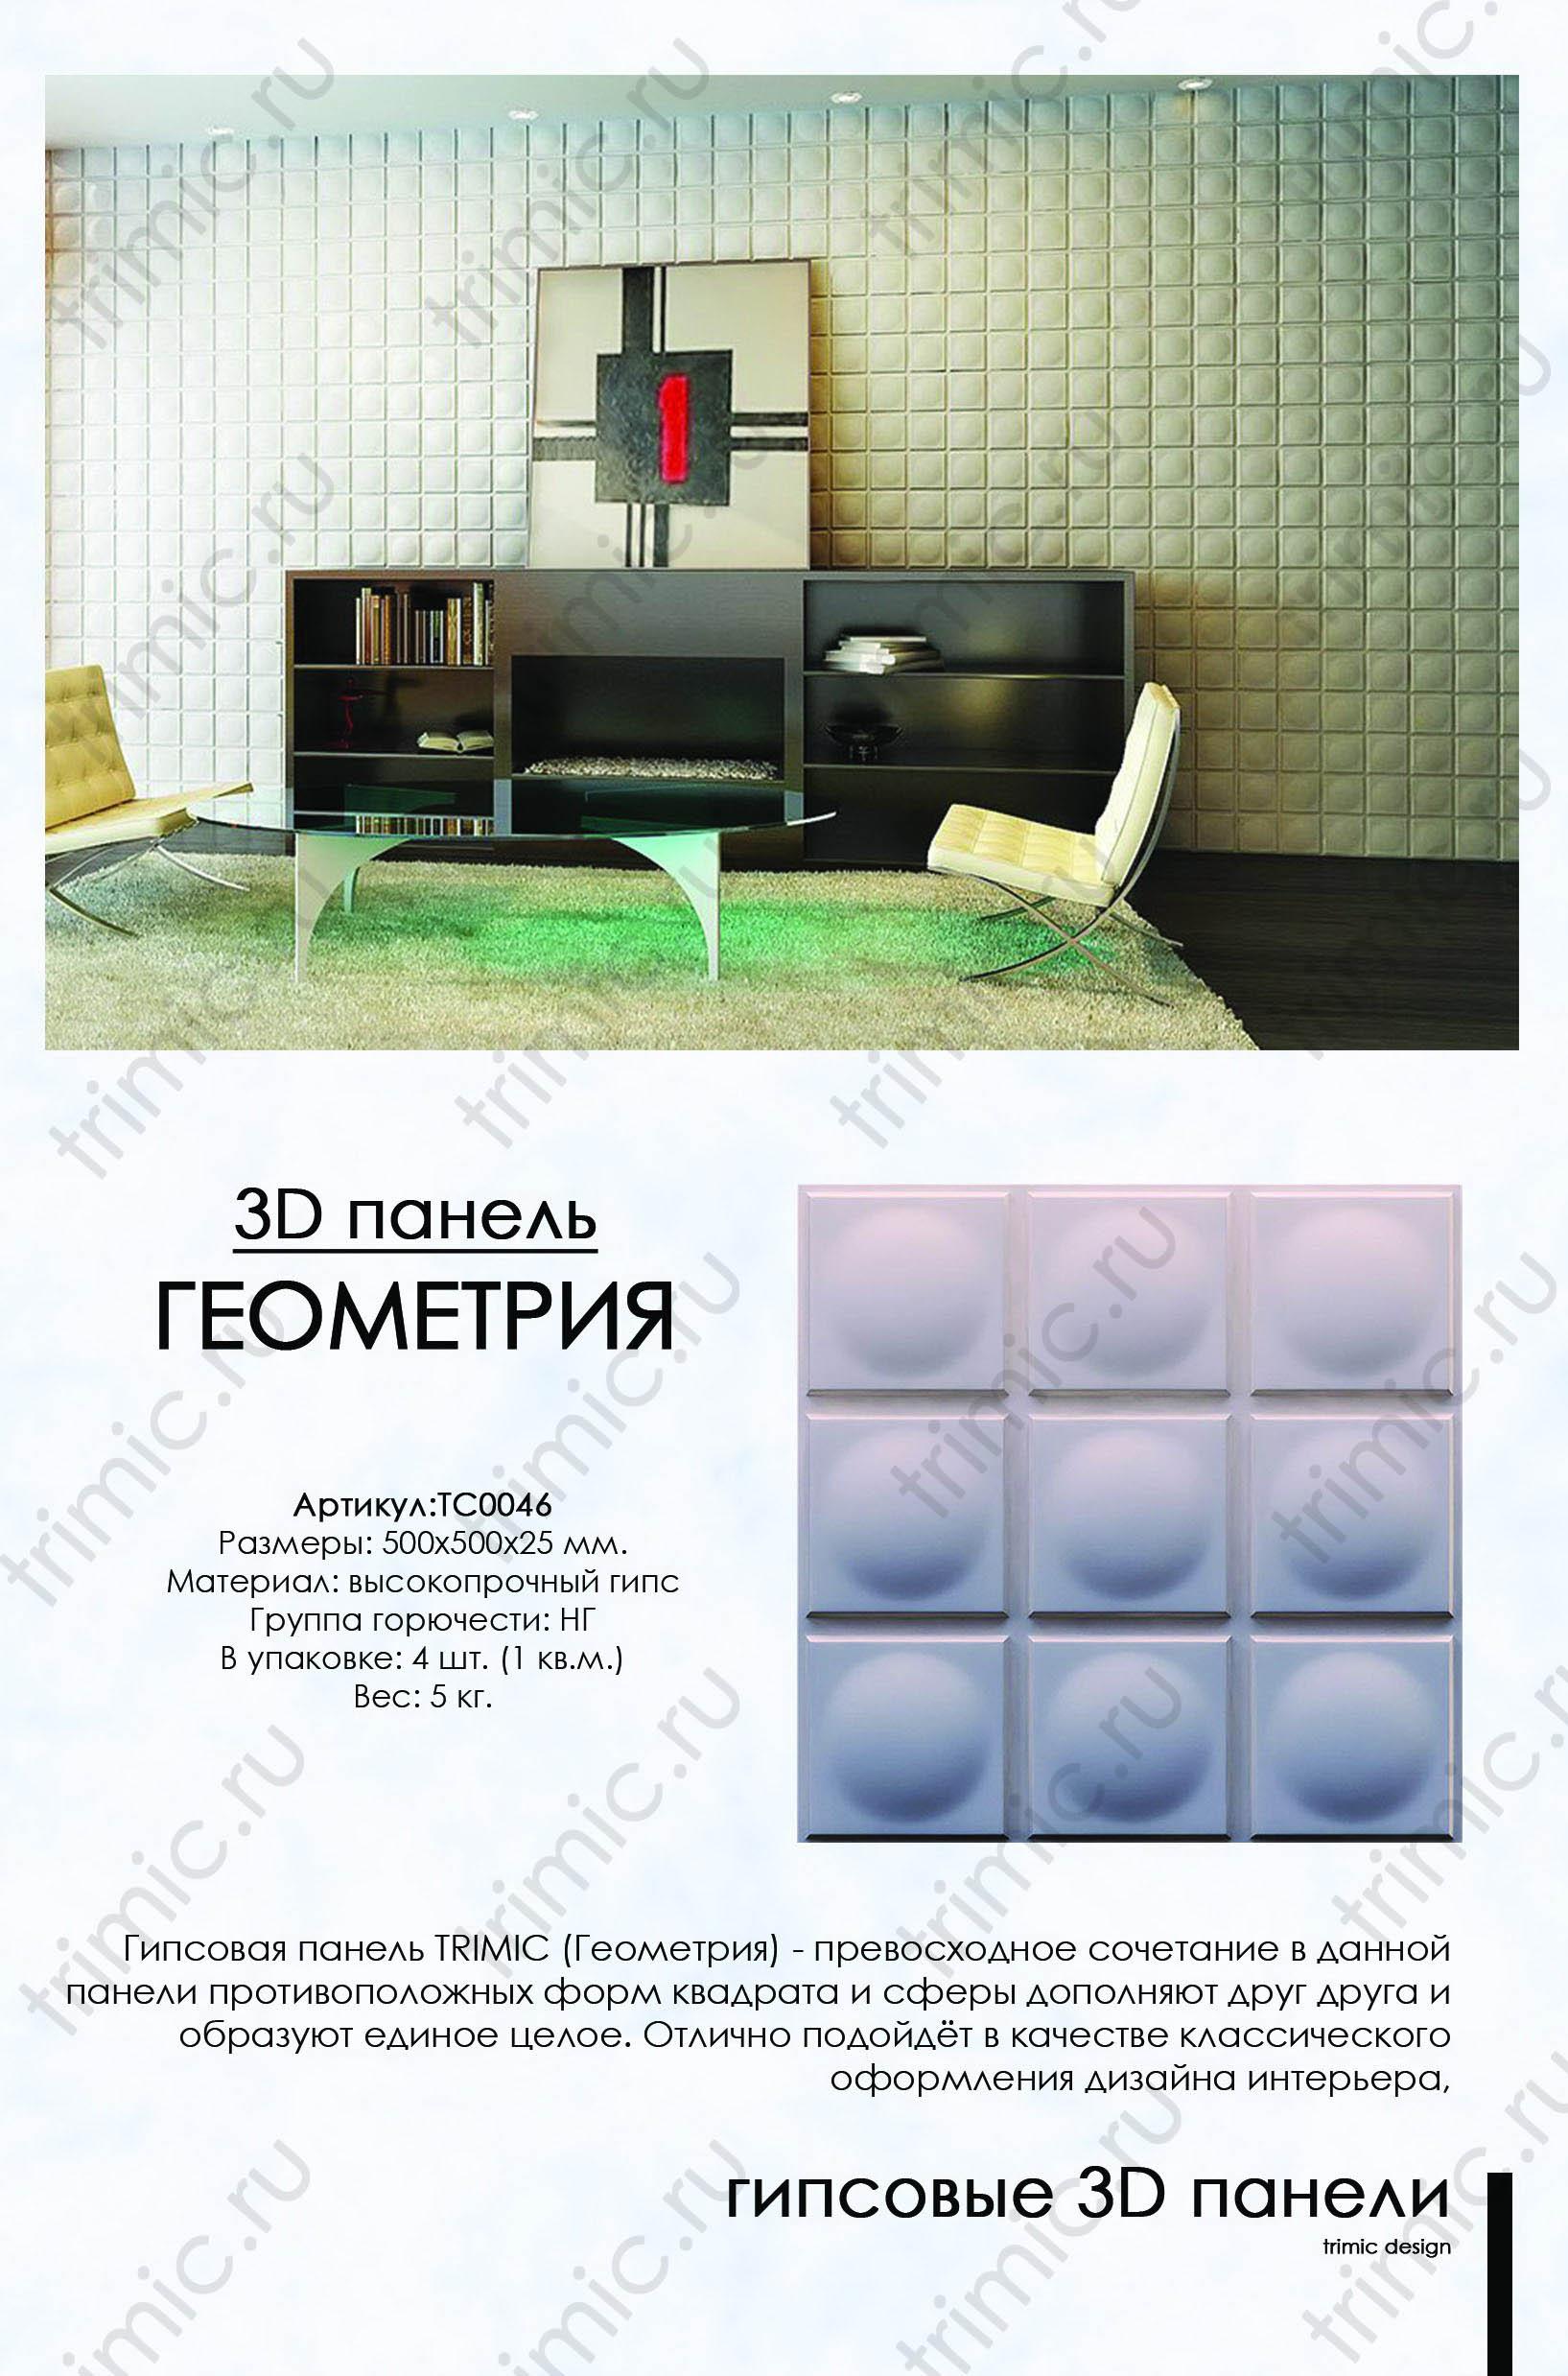 Фотографии 3D панелей геометрия в интерьере